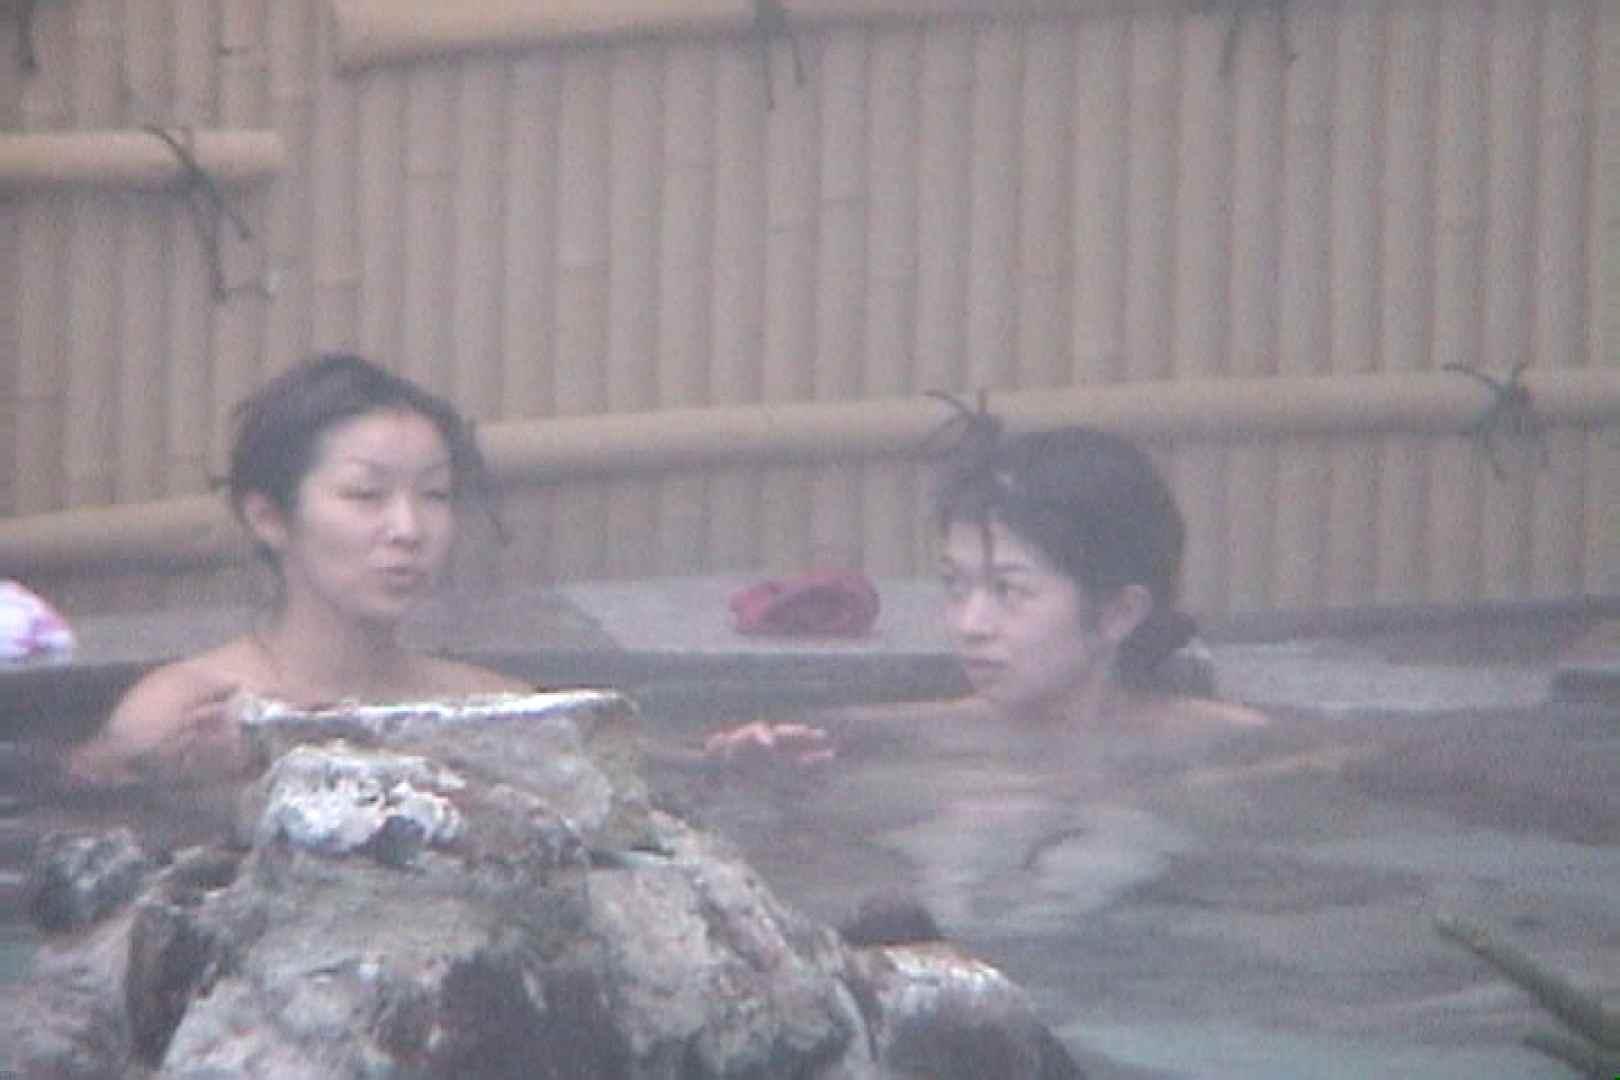 Aquaな露天風呂Vol.82【VIP限定】 盗撮 | 露天  87pic 1